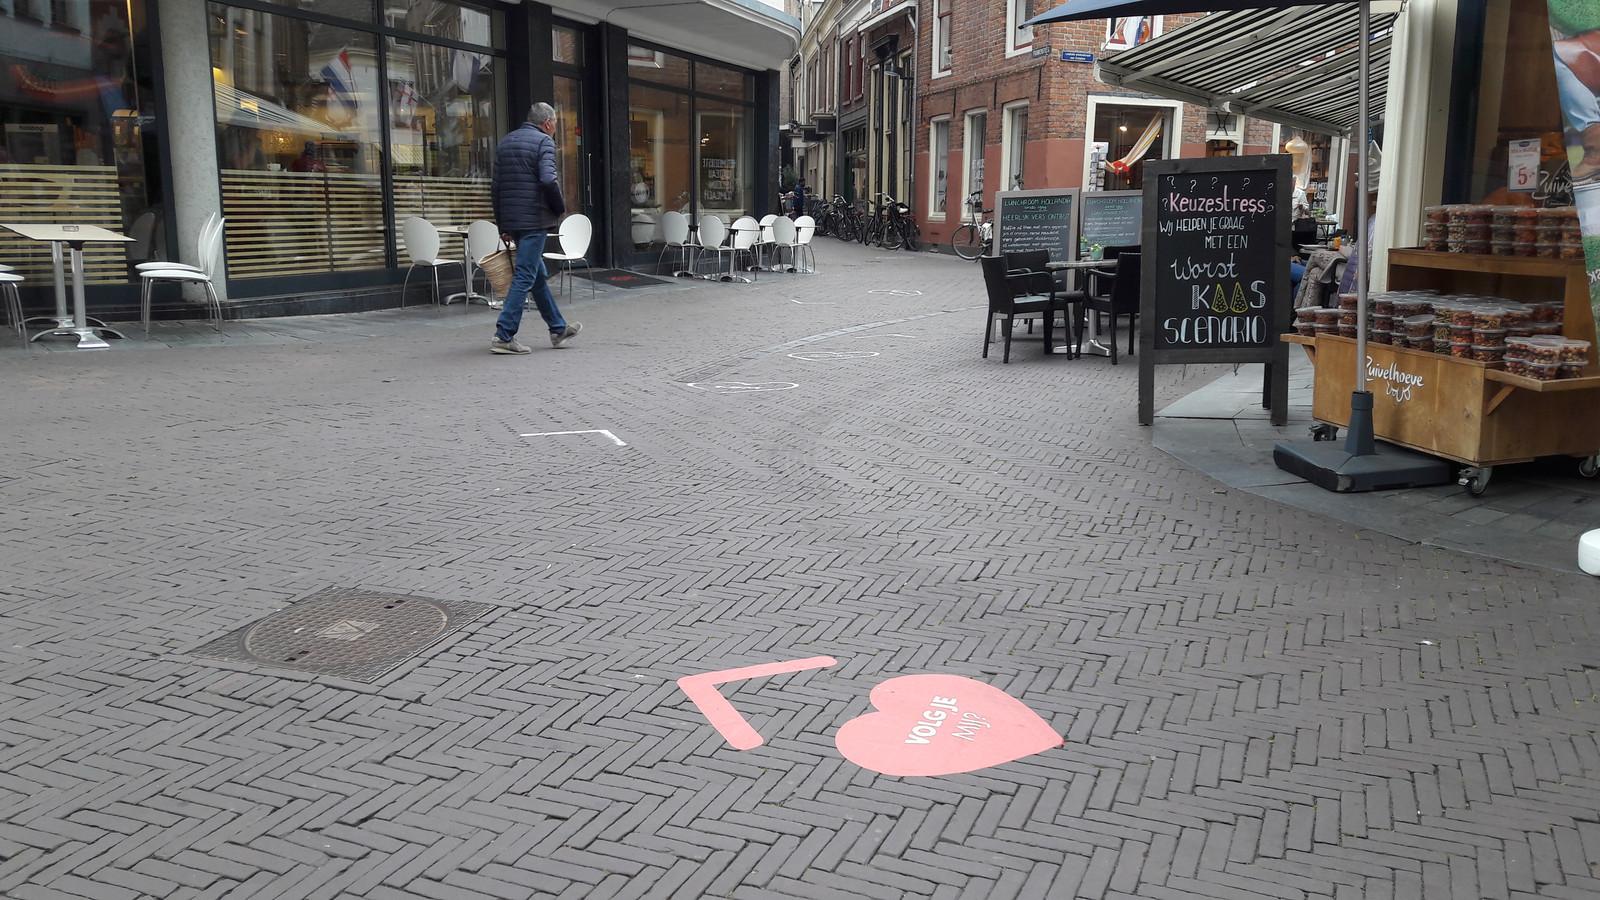 De harten- en pijlenstickers die de looprichting in het centrum aangeven, zijn alleen aangebracht op belangrijke punten. Zoals hier bij de kruising Beukerstraat-Korte Beukerstraat.